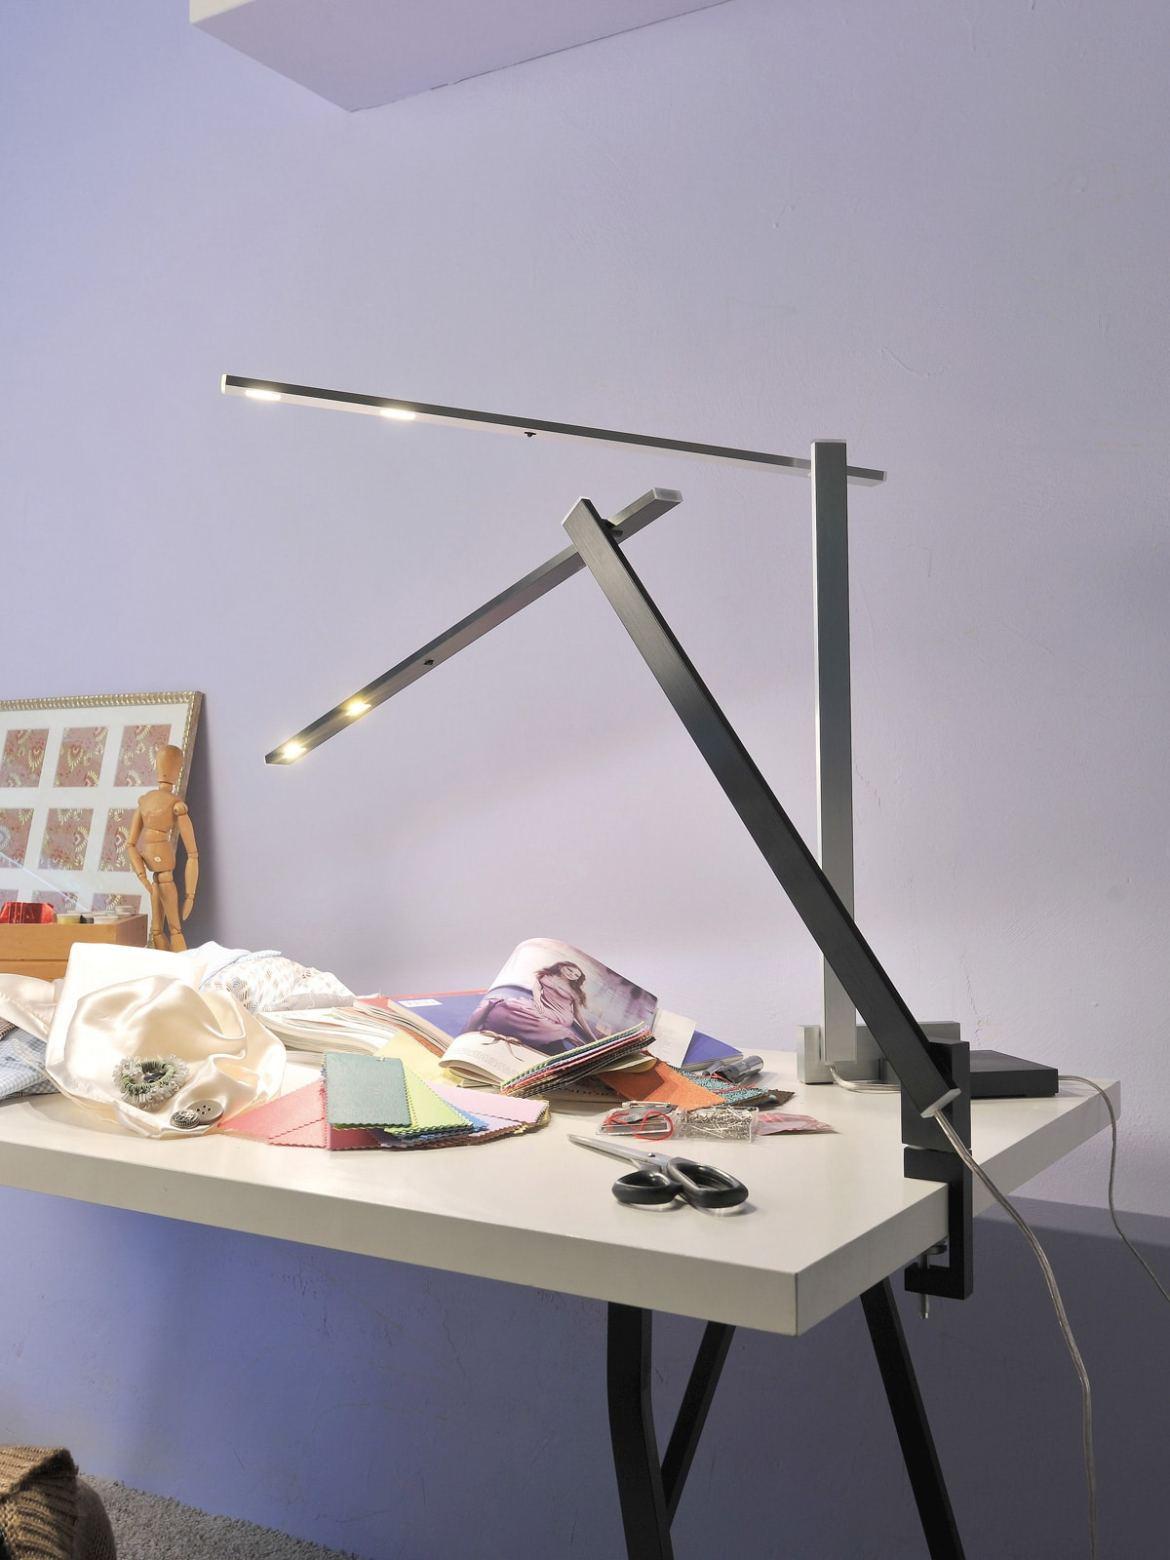 DesignOrt Lampen Blog: Leseleuchten Tischleuchte Nastrino von BYOK Designort Onlineshop